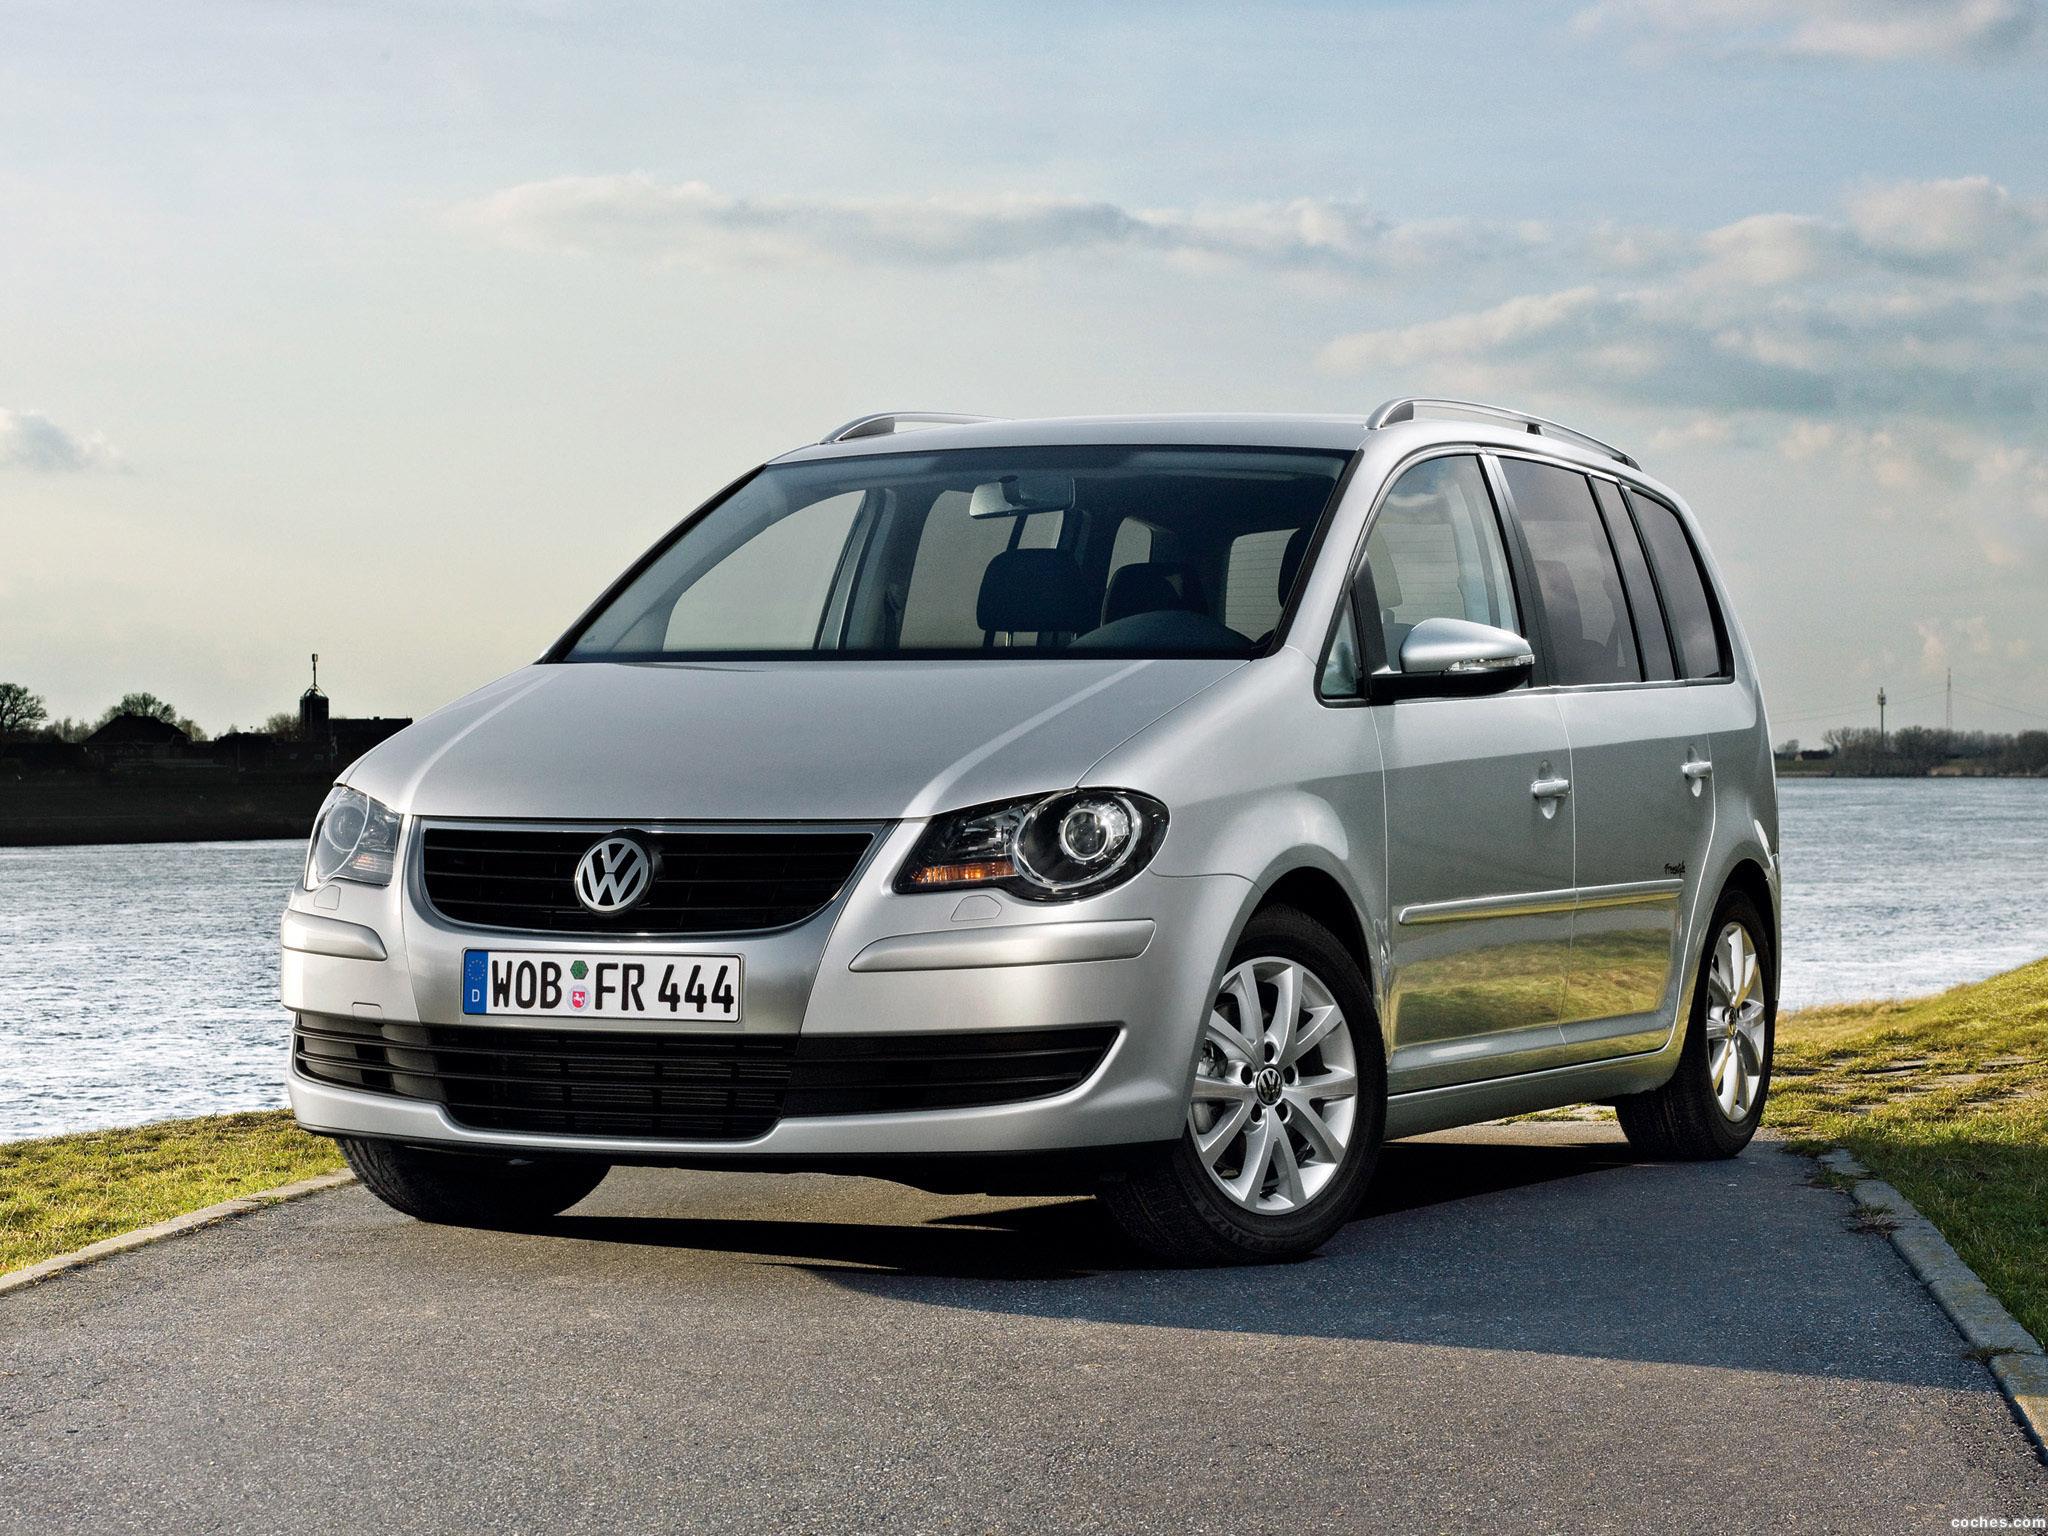 2009 Volkswagen Touran